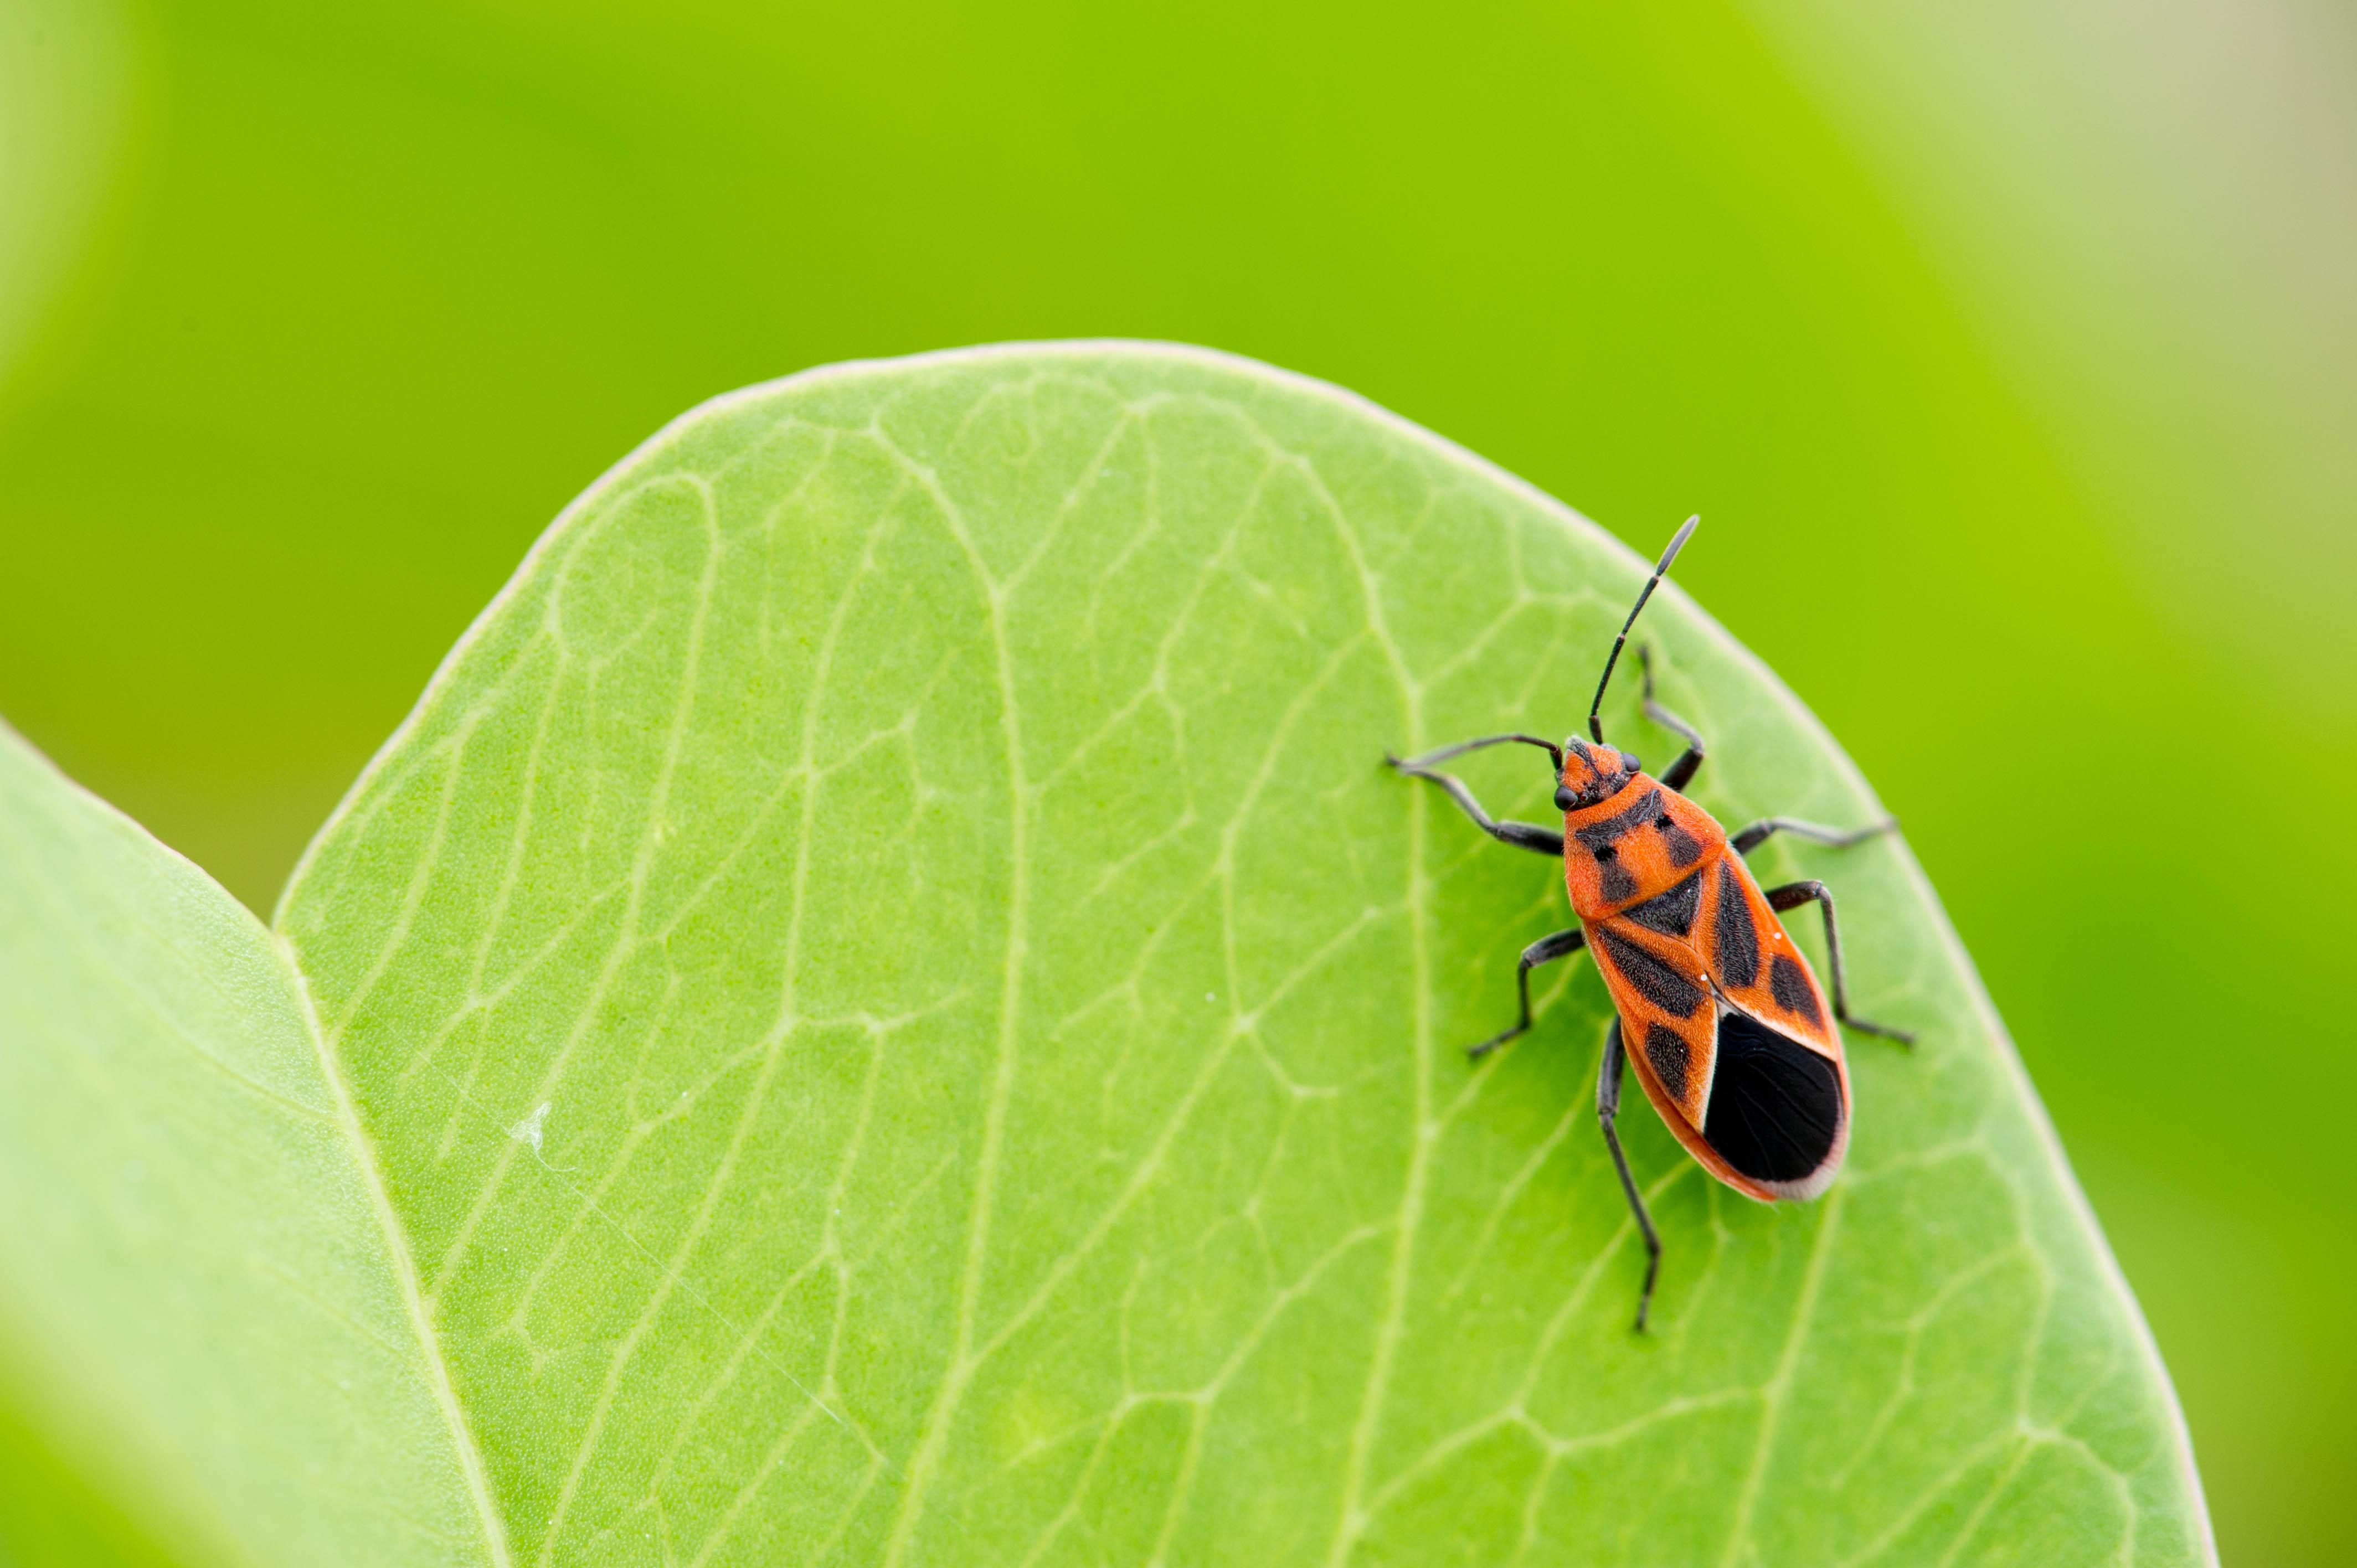 ヒメマダラナガカメムシの写真